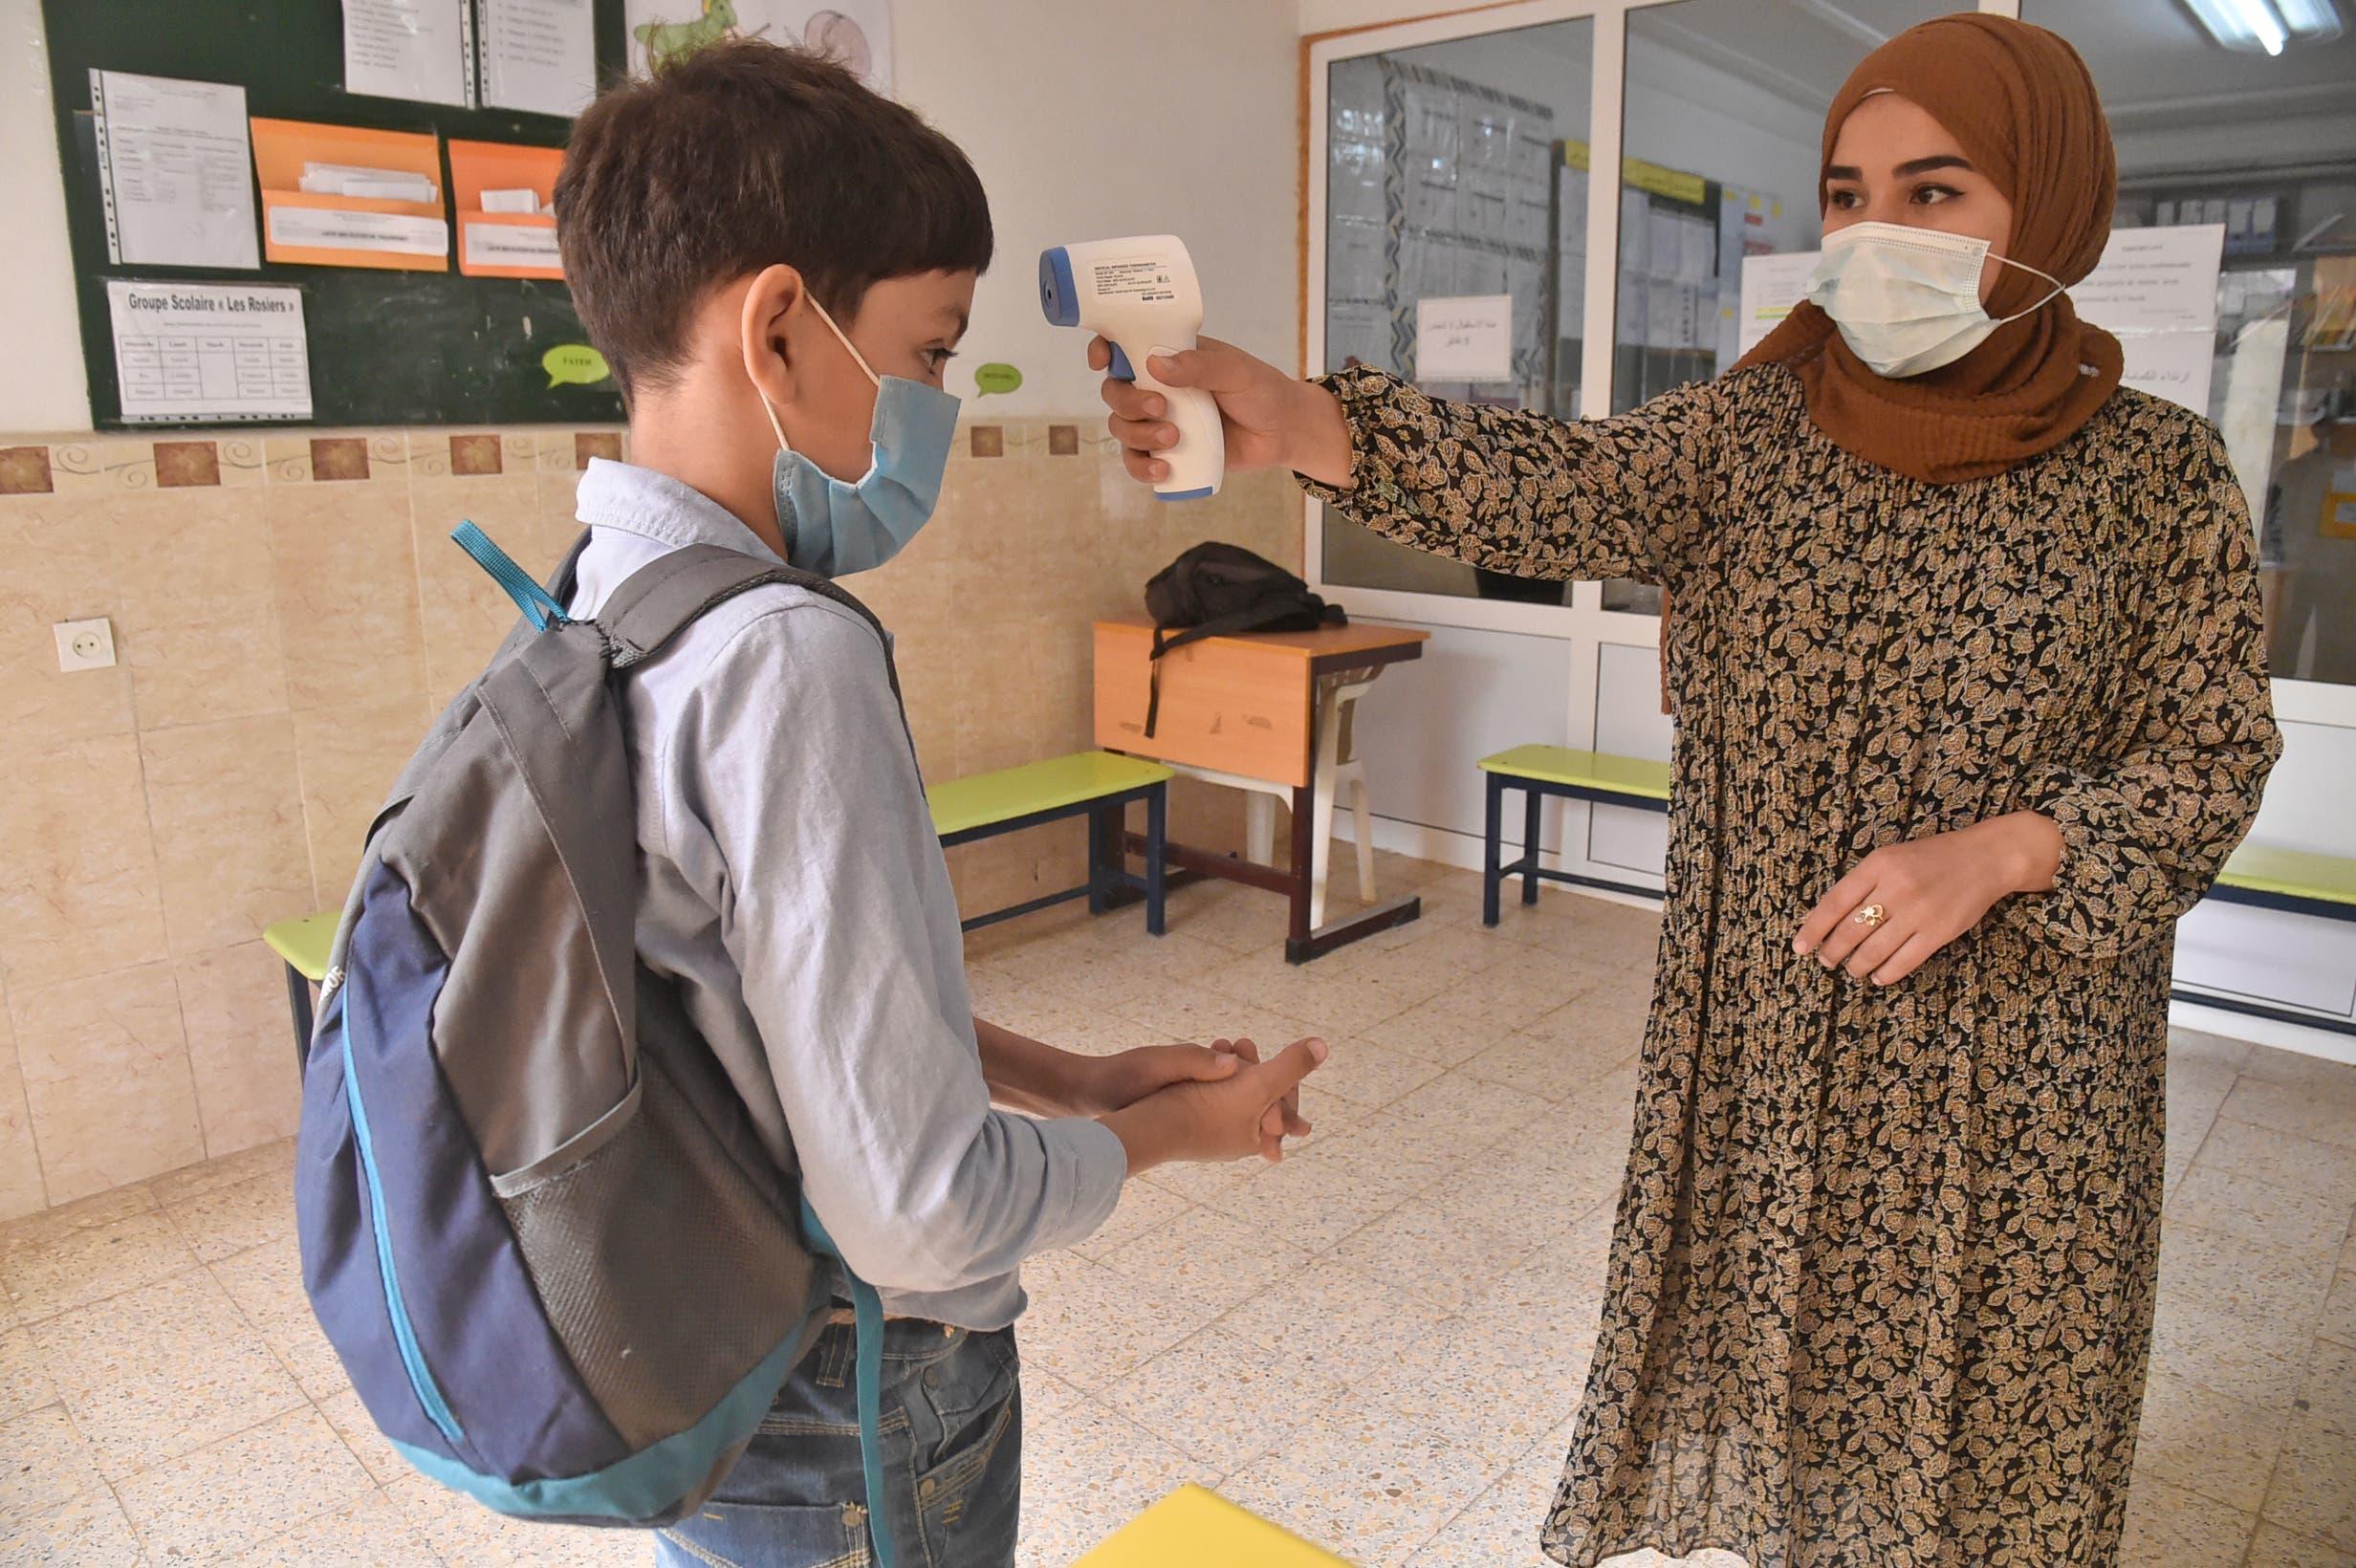 قياس حرارة الطلاب والتزام بالكمامات للوقية من كورونا في إحدى مدارس الجزاير